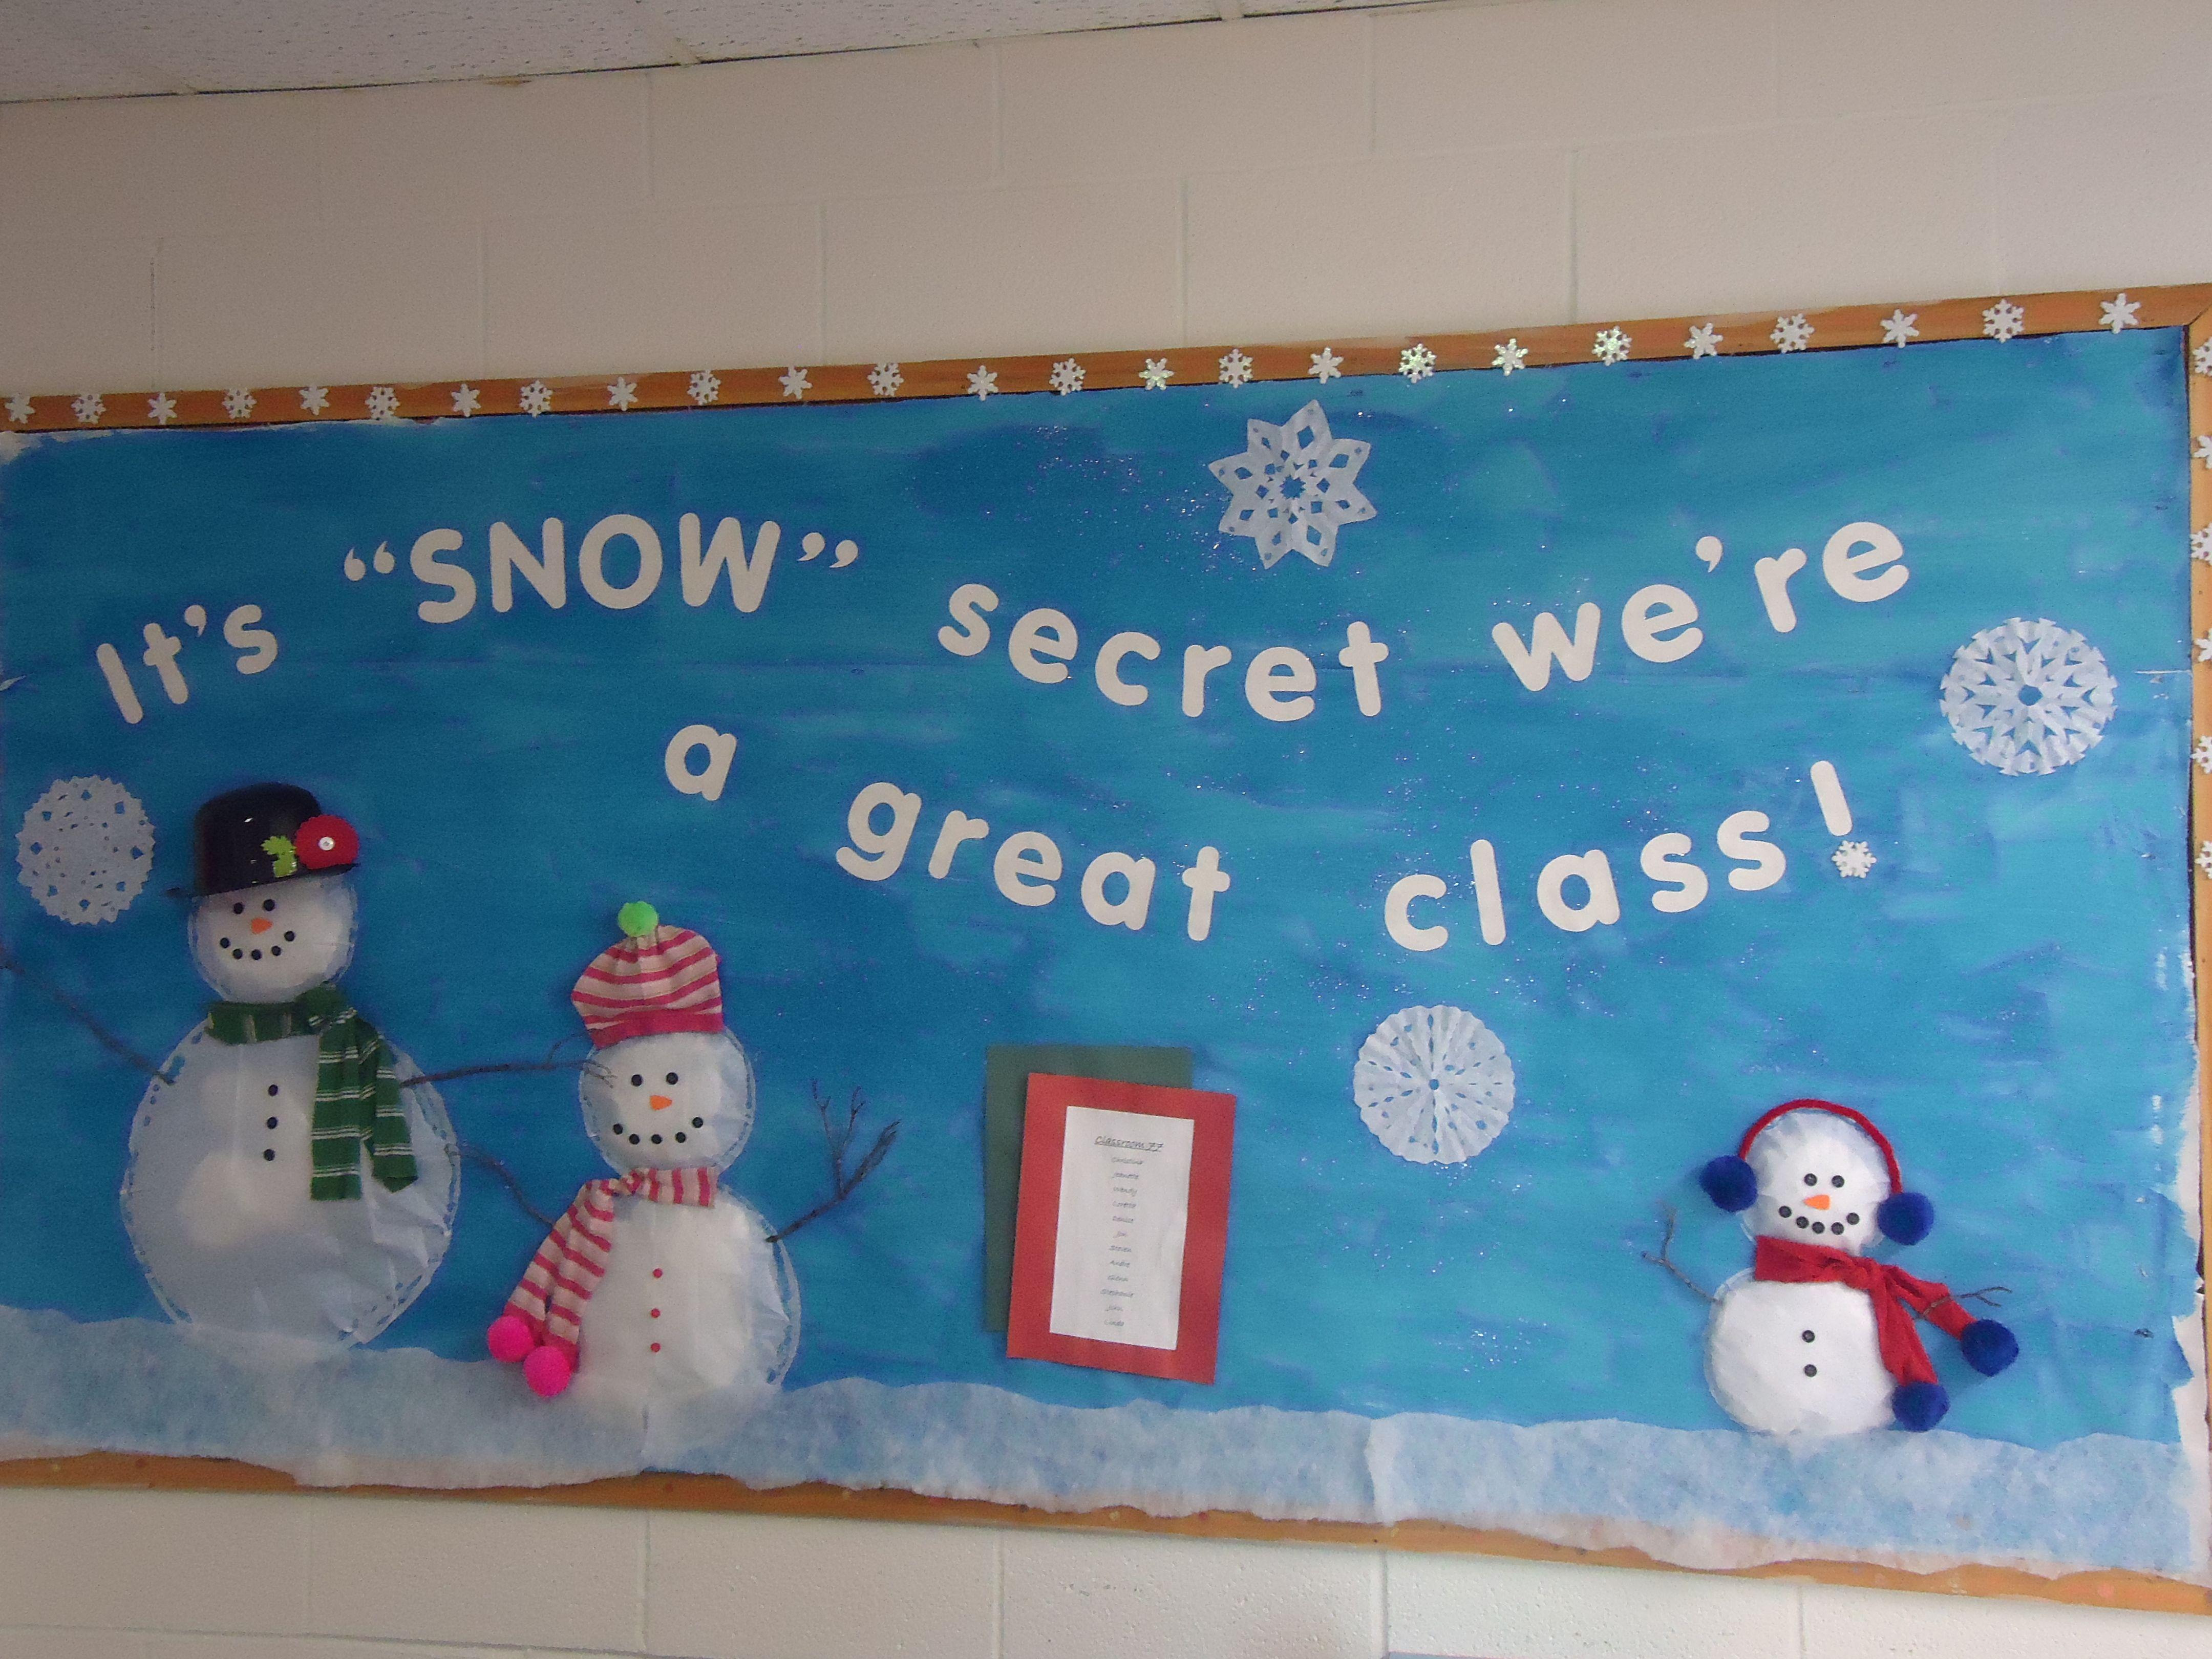 Winter bulletin boards ideas pinterest - Winter Bulletin Board It S Snow Secret